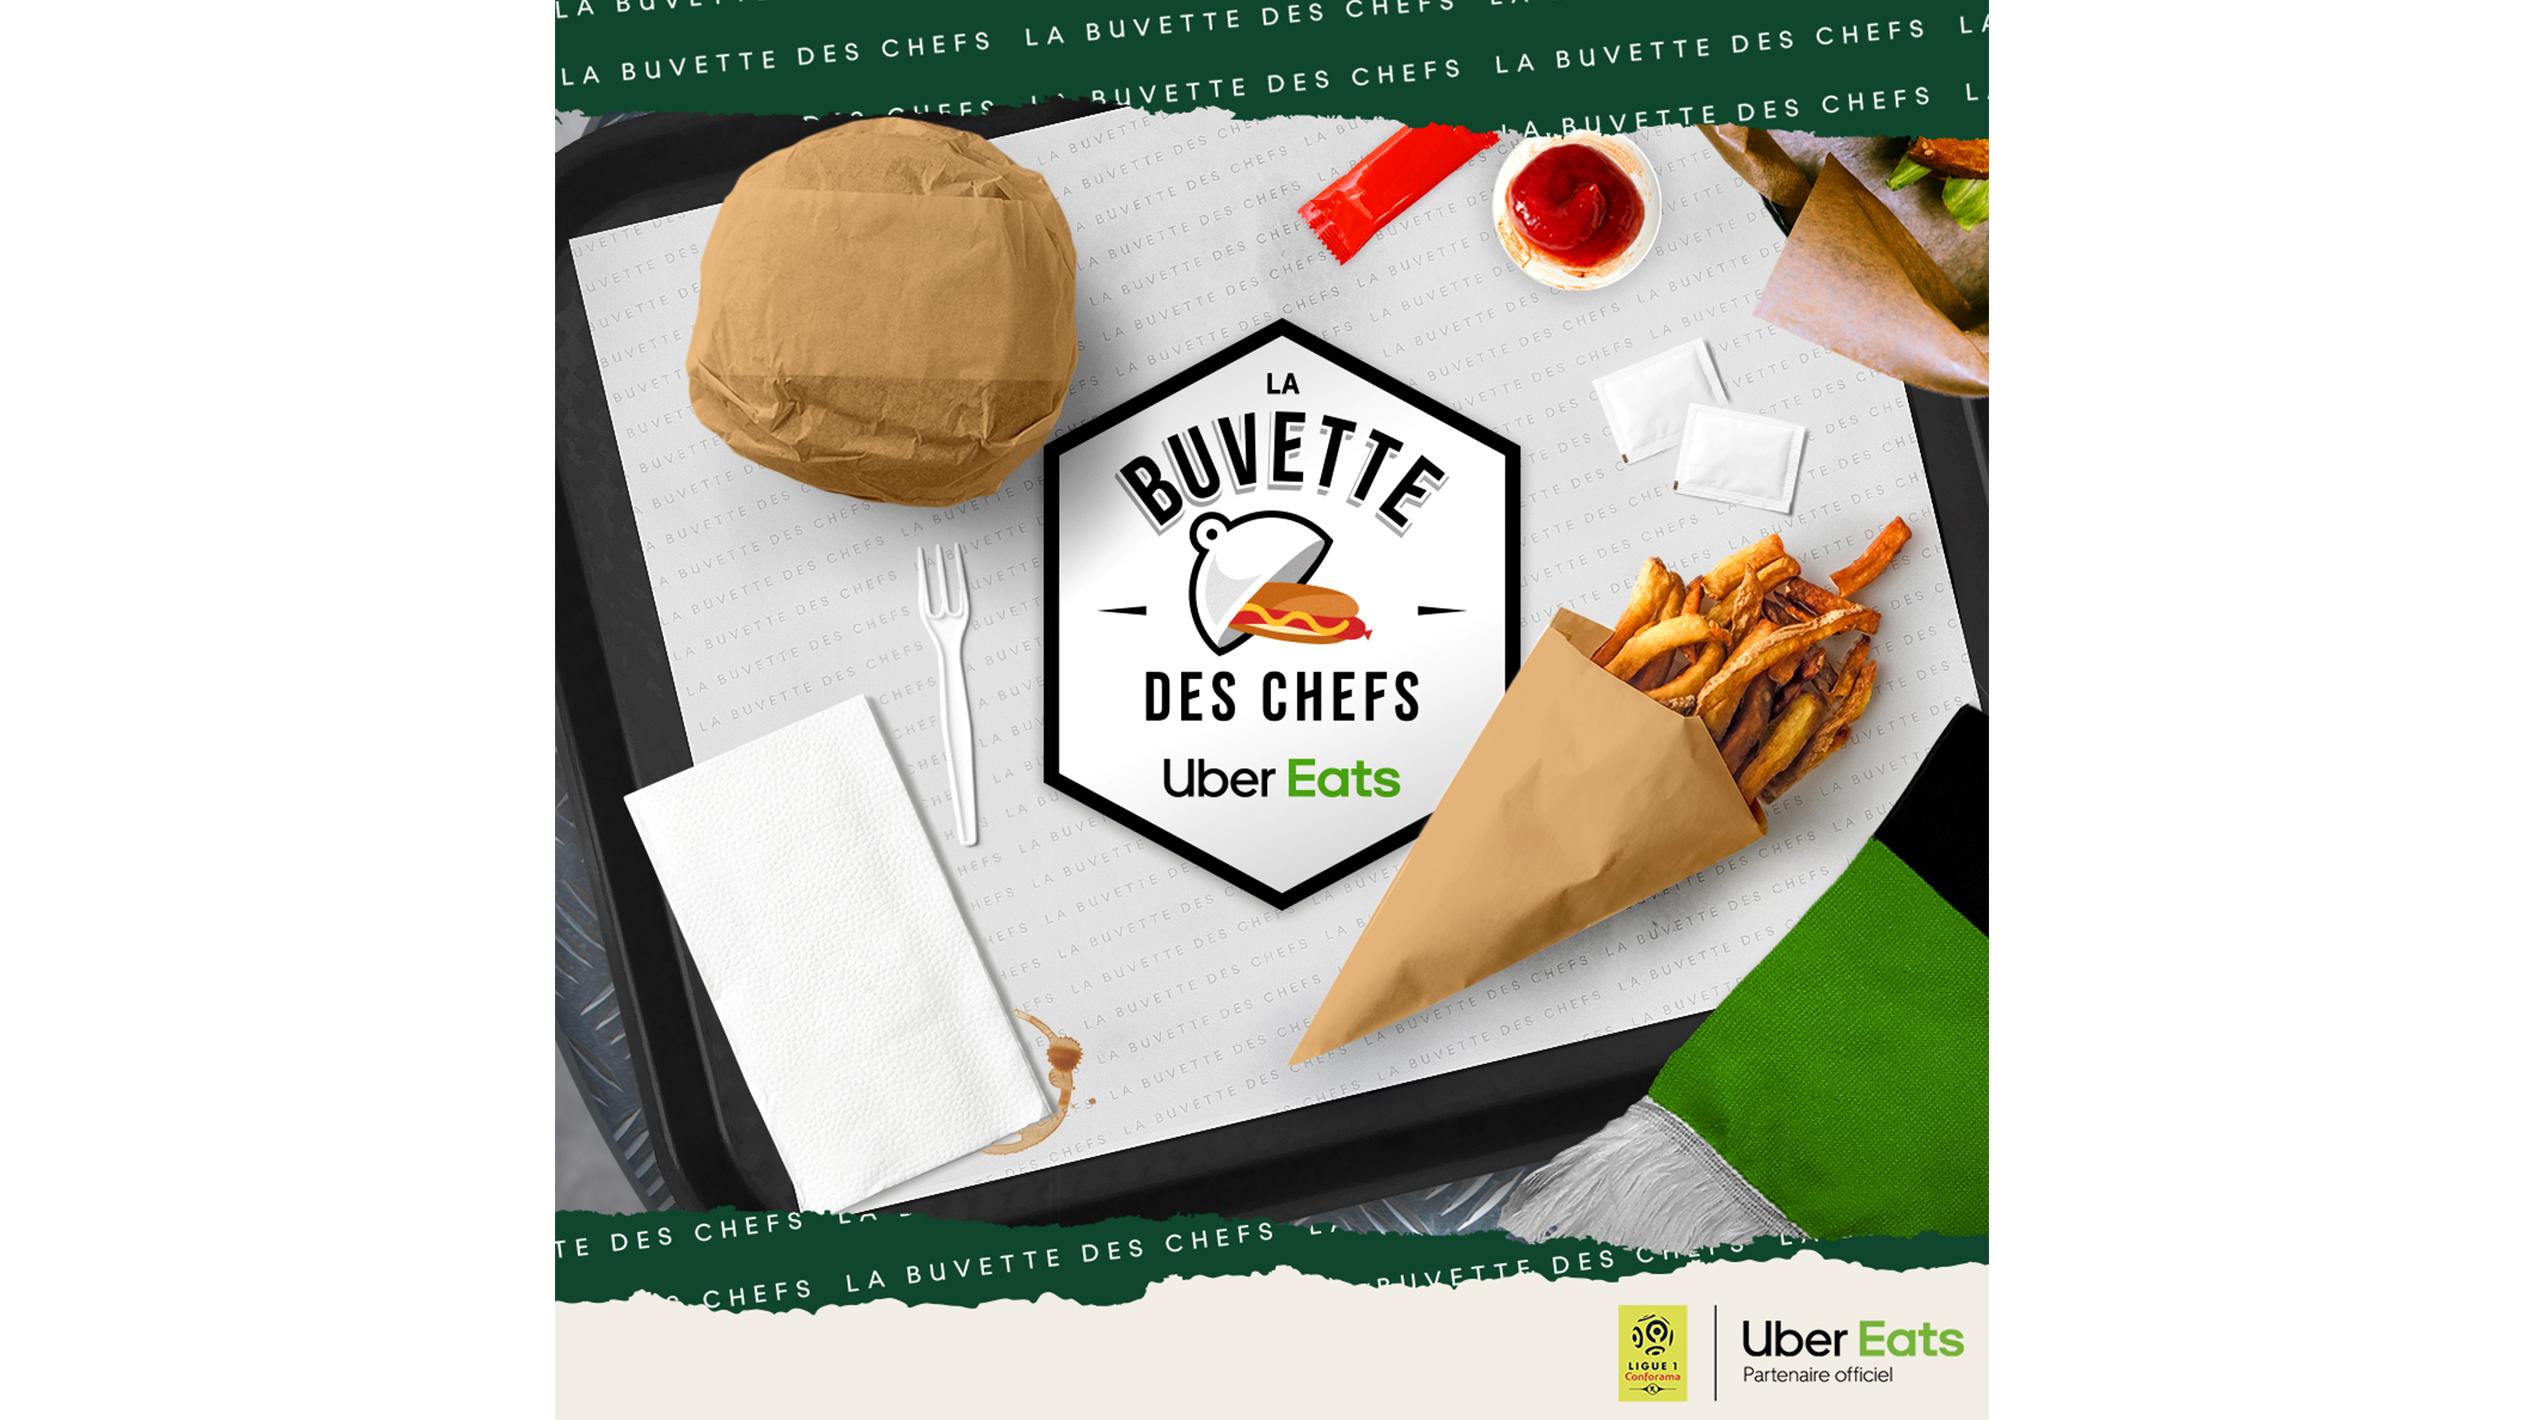 News_Actualite_Uber_Eats_lance_La_Buvette_des_Chefs_avec LAFOURMI